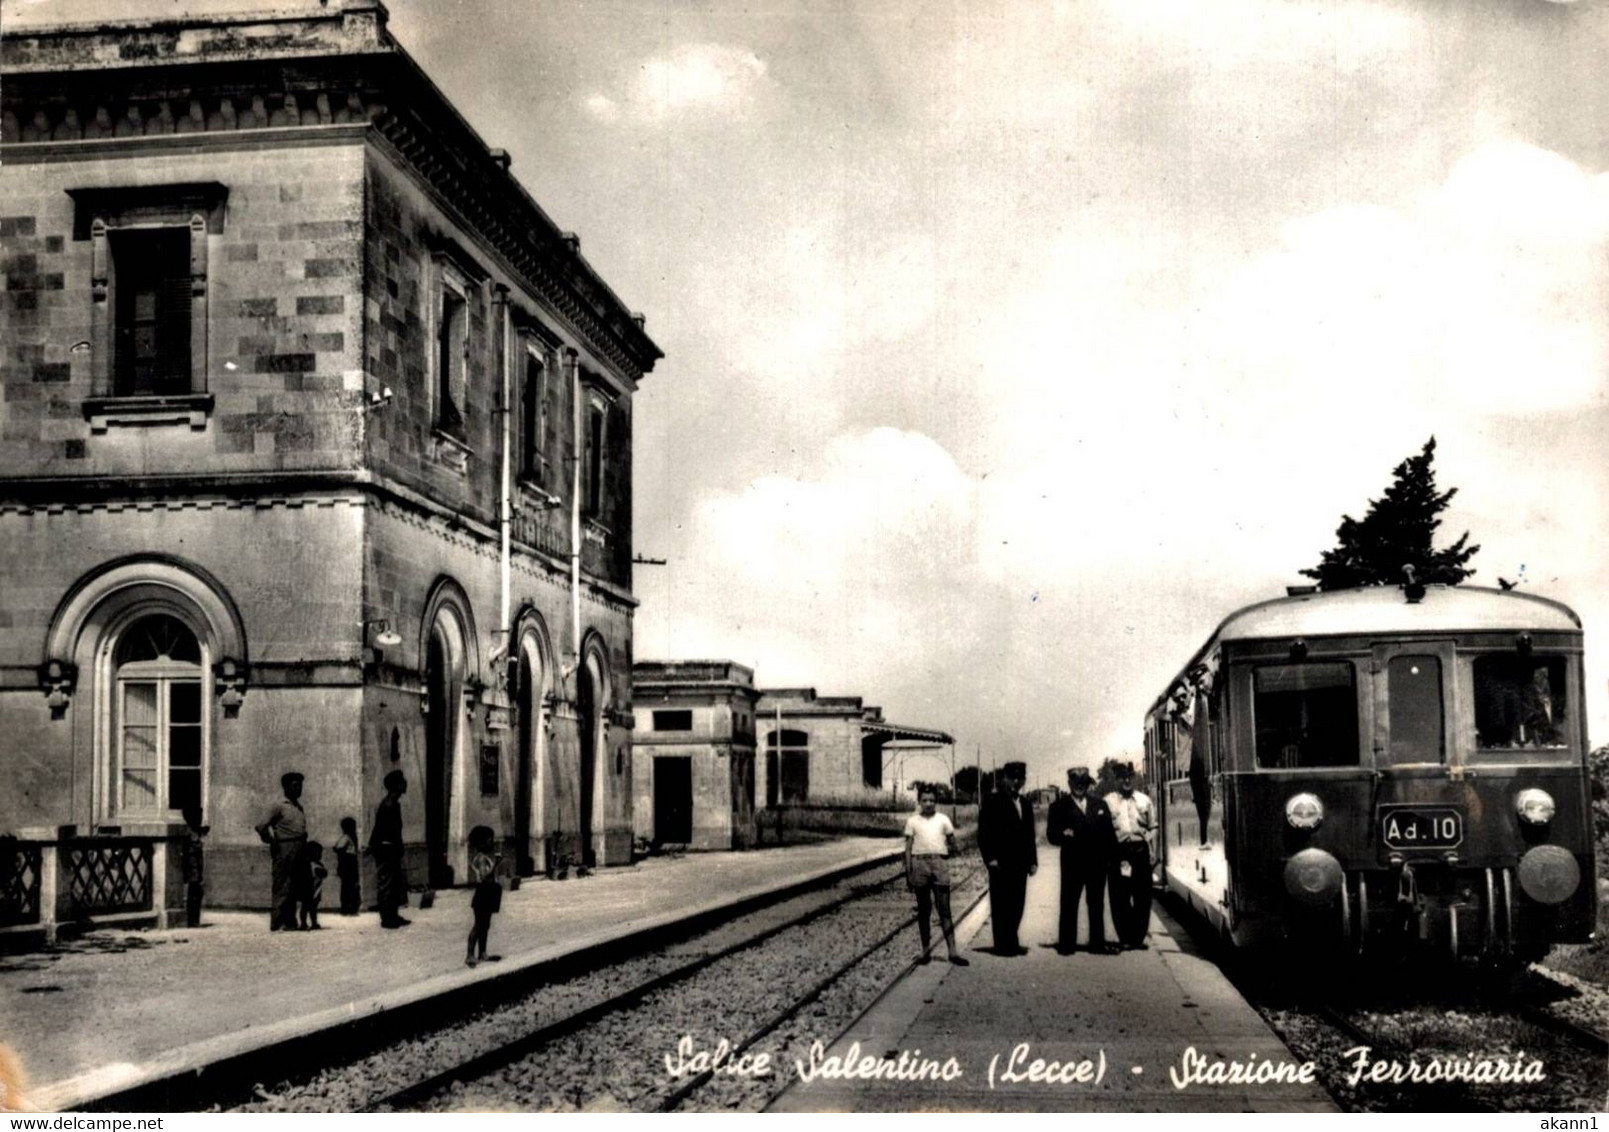 78870- Salice Salentino Lecce Stazione Ferroviaria - Unclassified